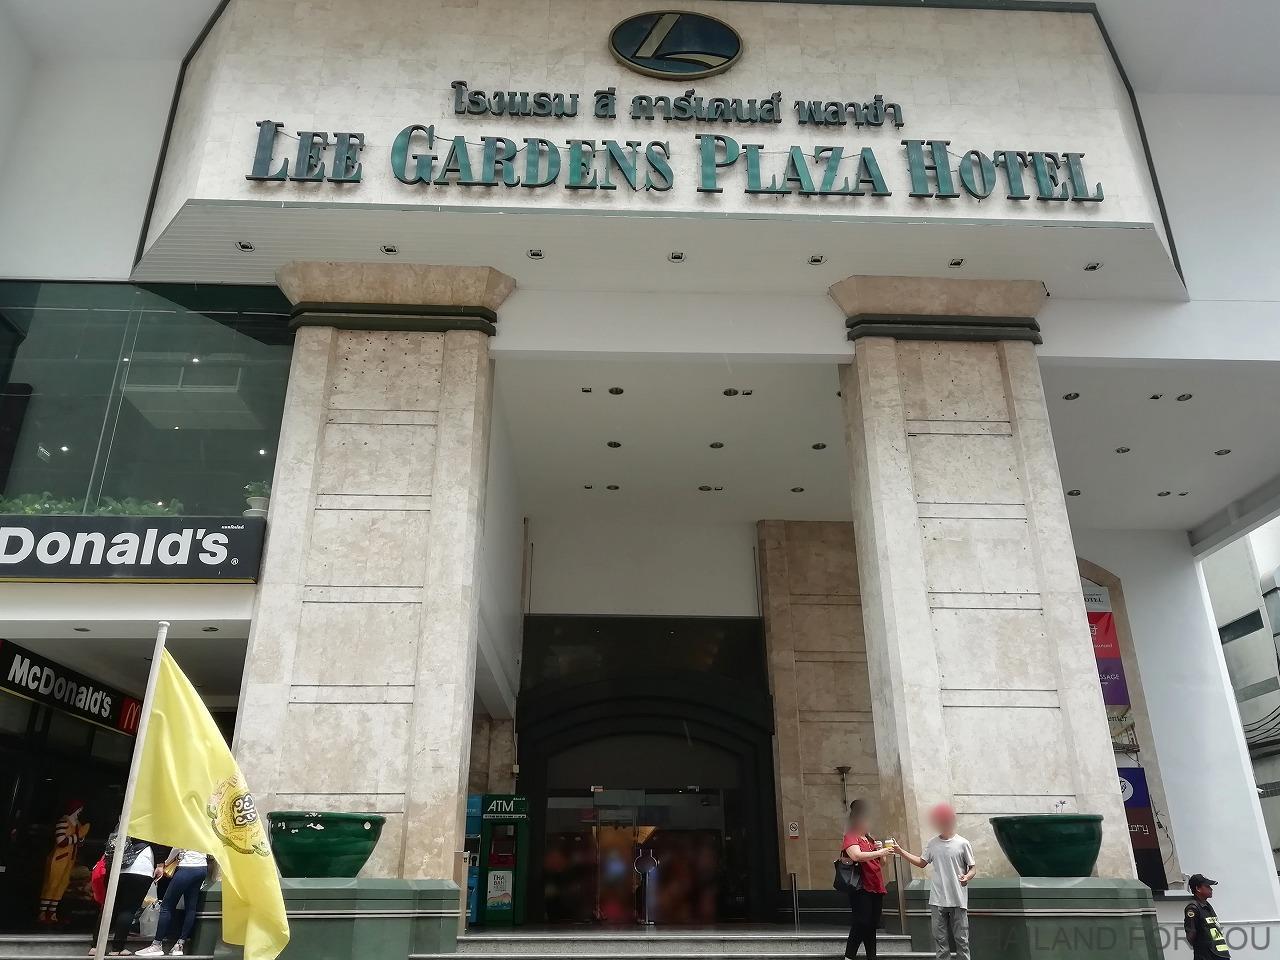 リーガーデンズプラザホテル ハジャイ